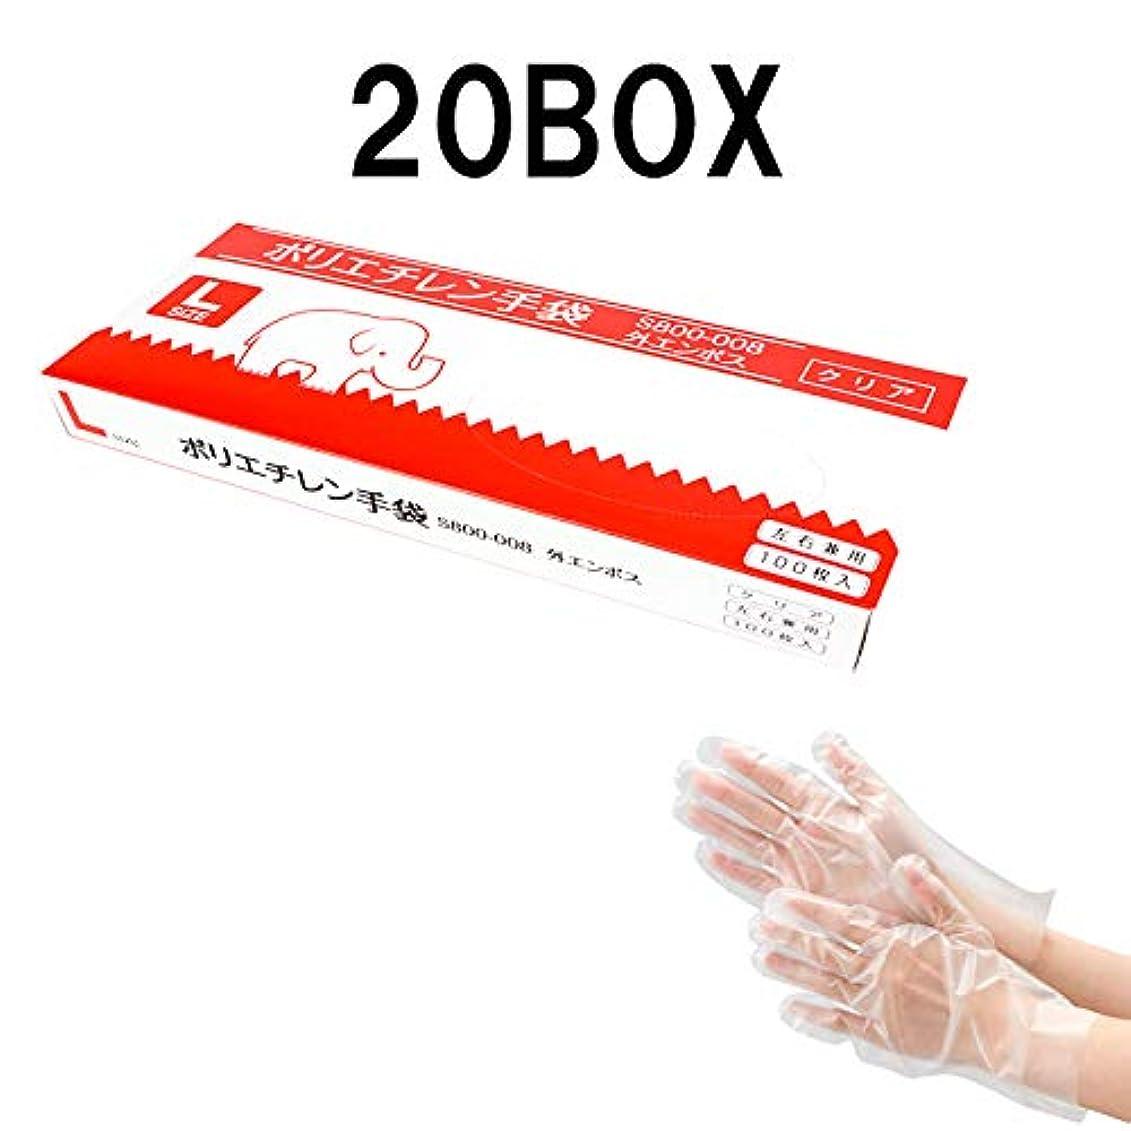 酸素乱すインタフェース(2000枚) 使い捨て ポリエチレン手袋 Lサイズ 100枚入り×20BOX クリア色 左右兼用 外エンボス 食品衛生法適合品